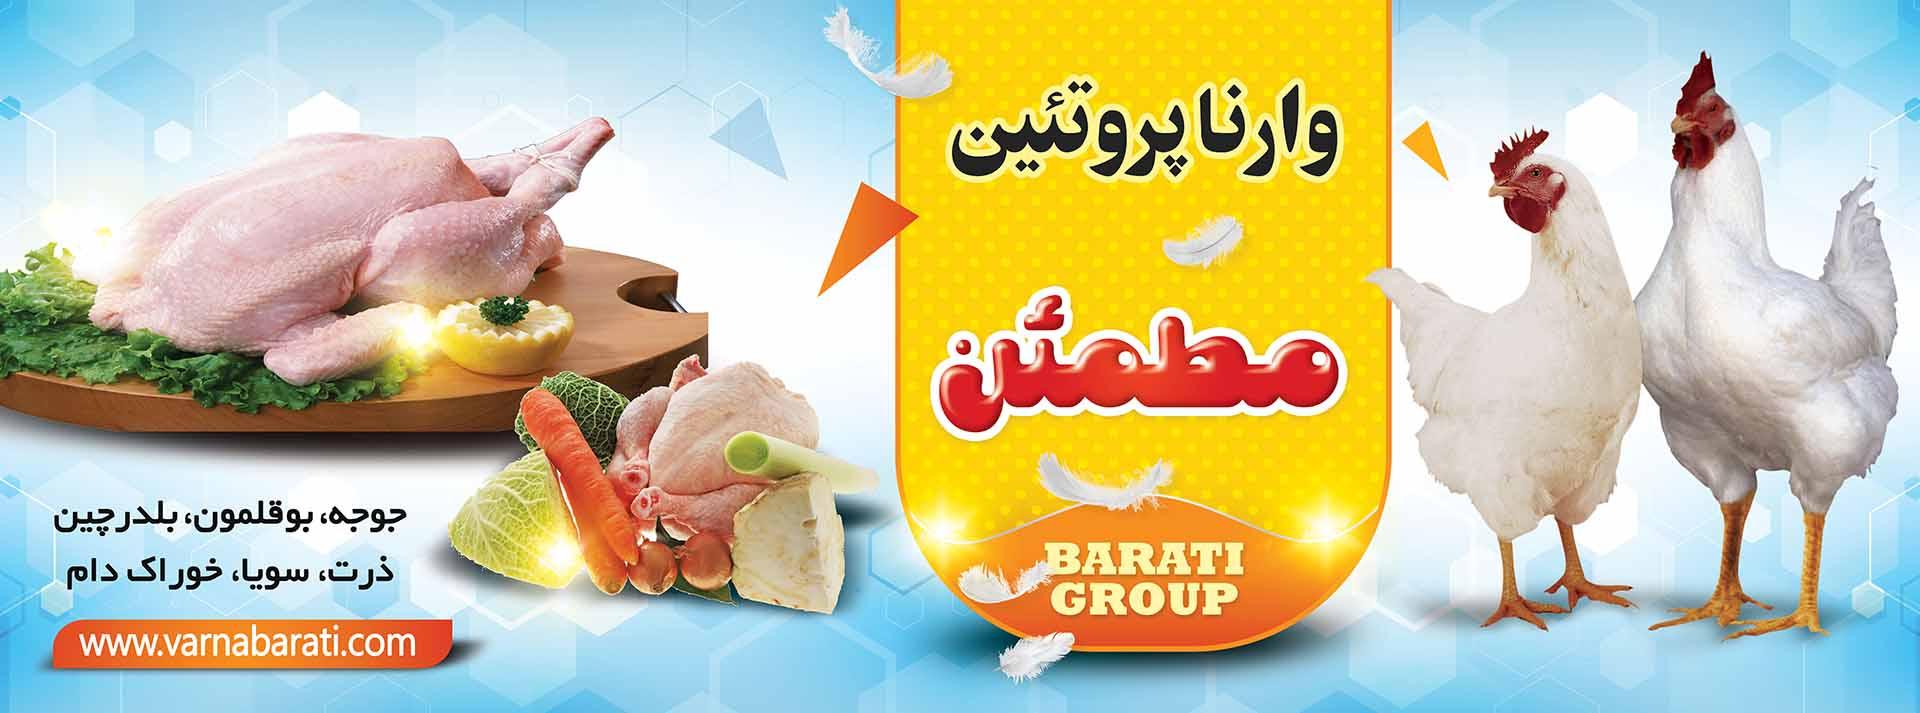 گروه براتی اصفهان